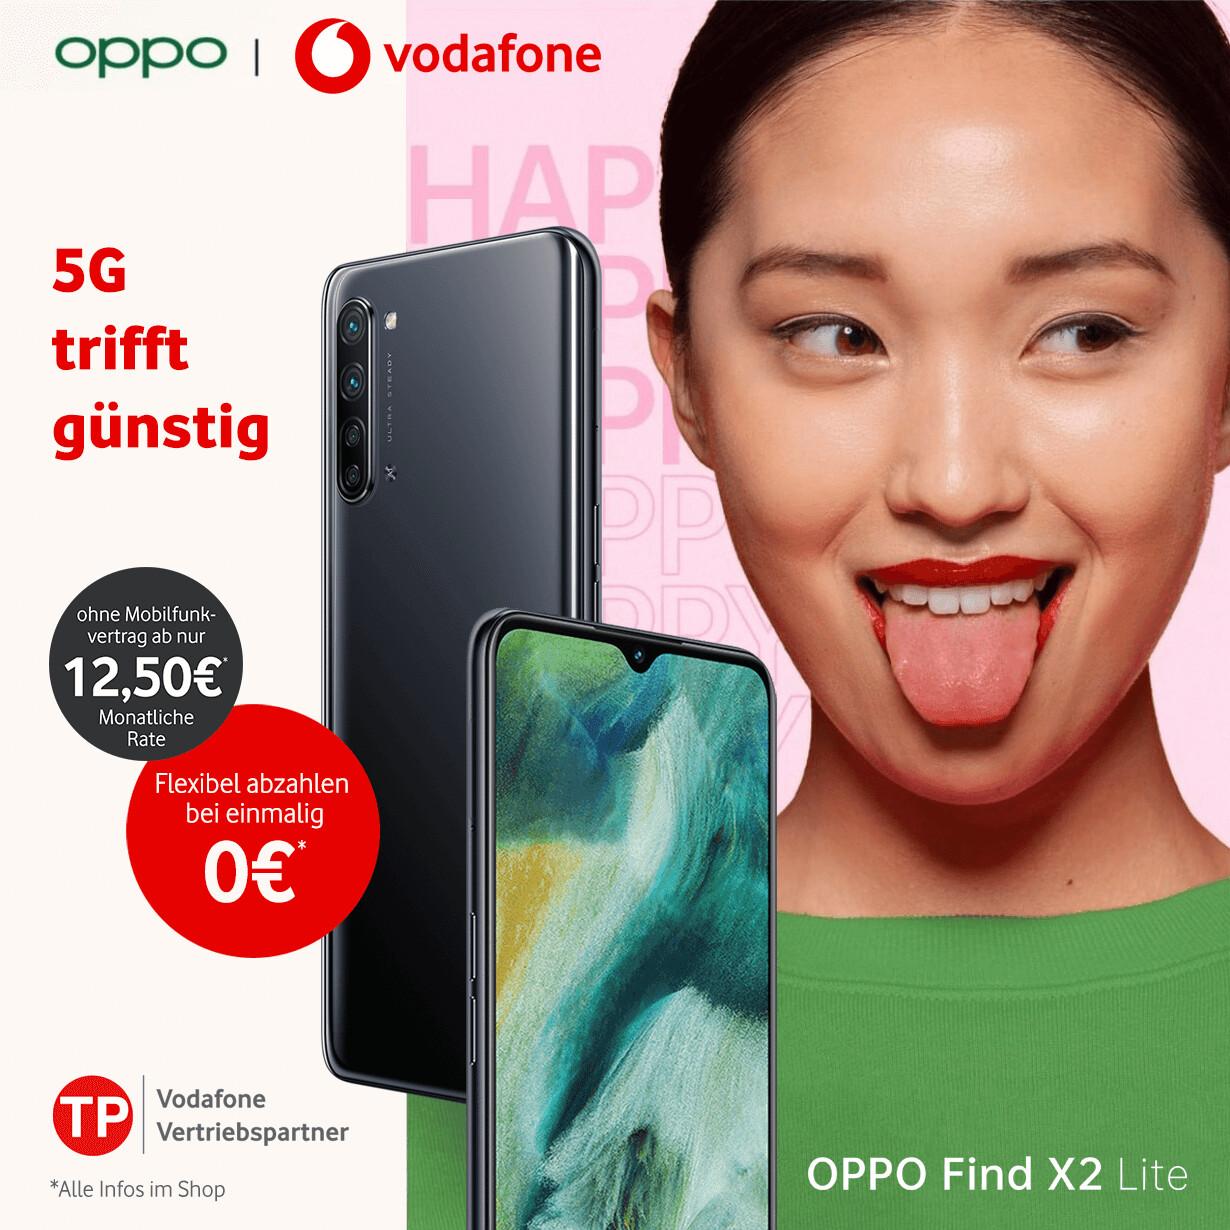 Sale: Das neue Oppo Find X2 lite 5G-Smartphone zum GigaPreis ganz ohne Mobilfunkvertrag